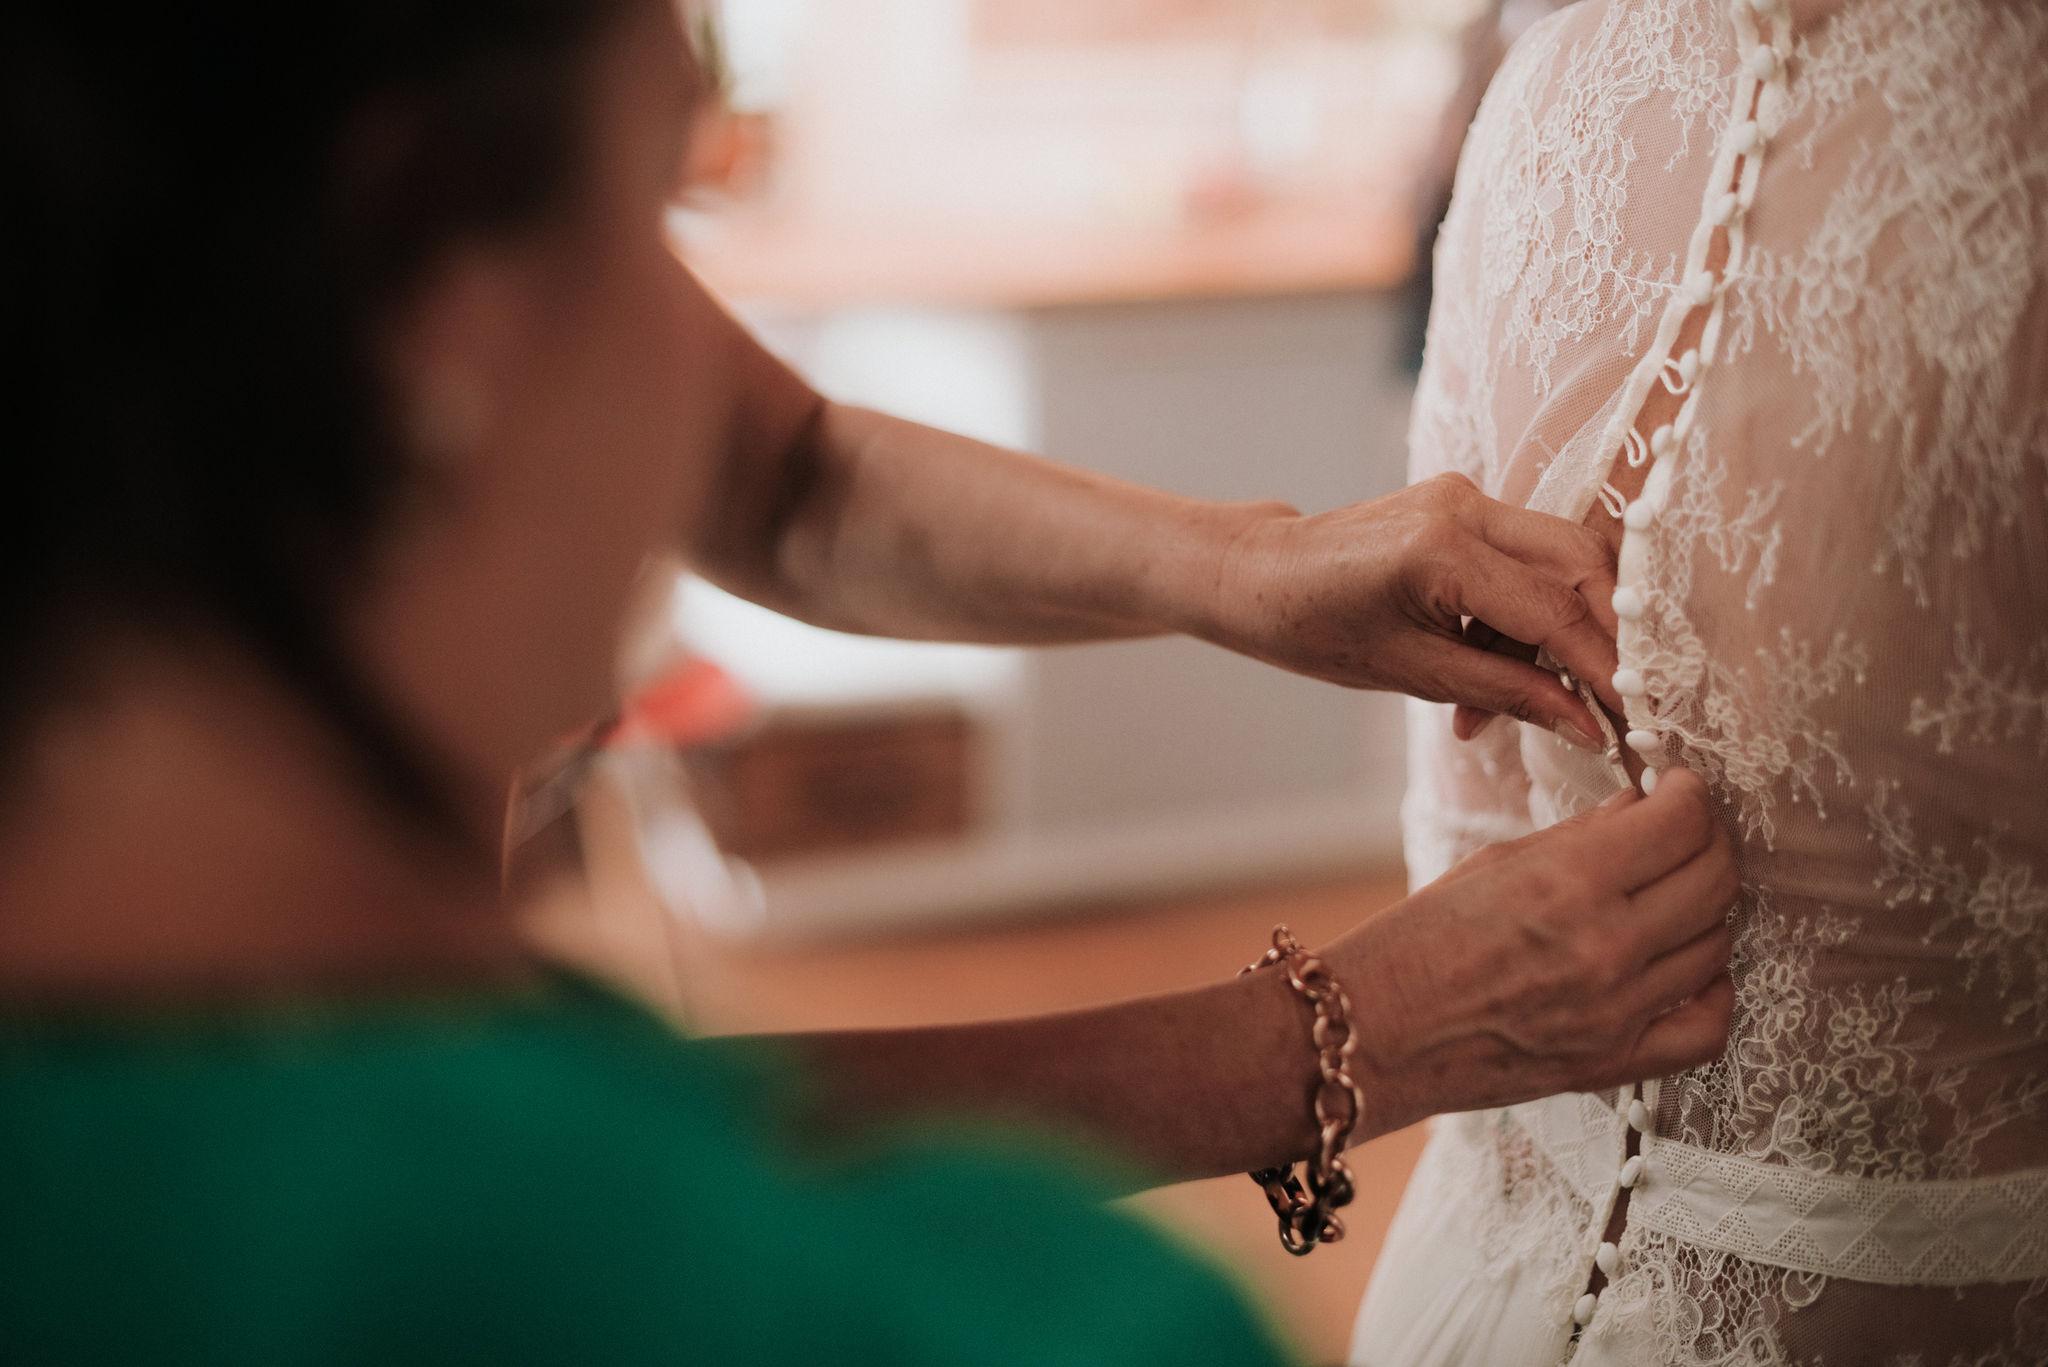 Léa-Fery-photographe-professionnel-lyon-rhone-alpes-portrait-creation-mariage-evenement-evenementiel-famille-6052.jpg